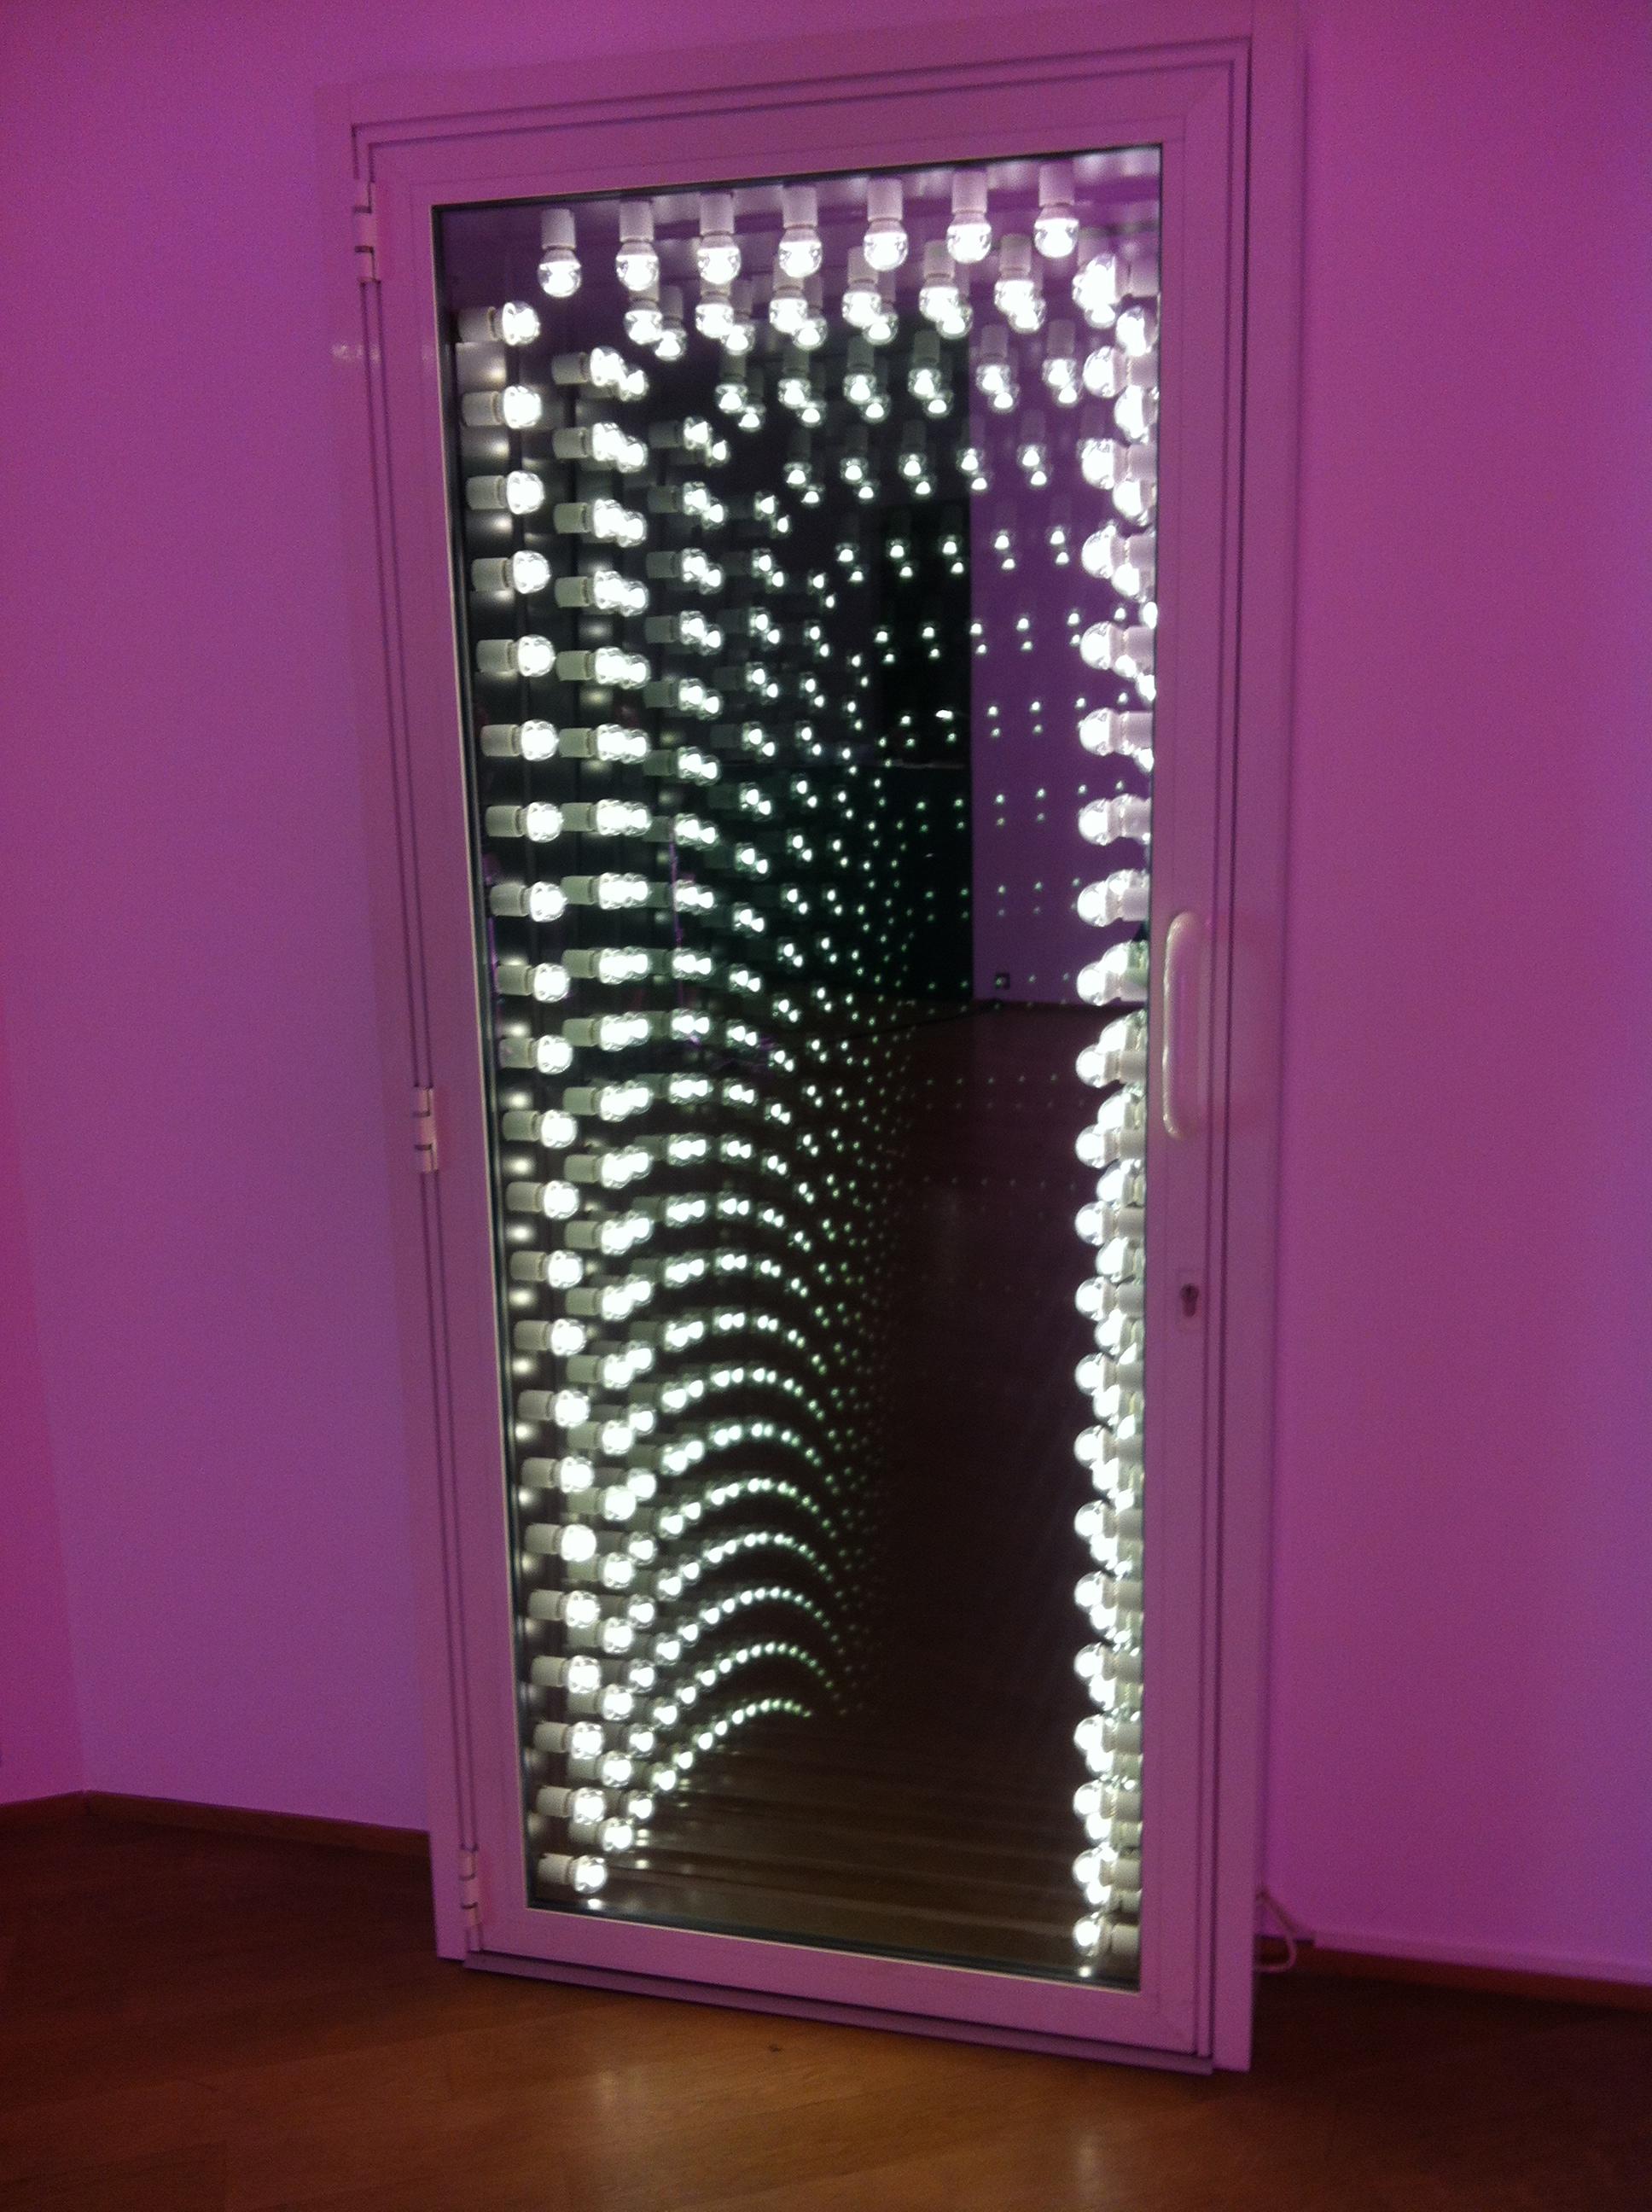 One of Ivan Navarro's famous infinitedoors